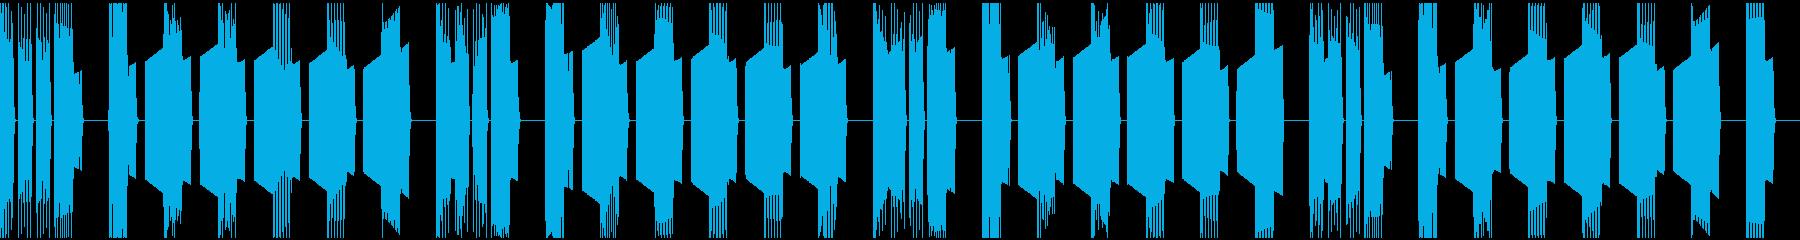 オープニング・アイコン・サウンドロゴの再生済みの波形